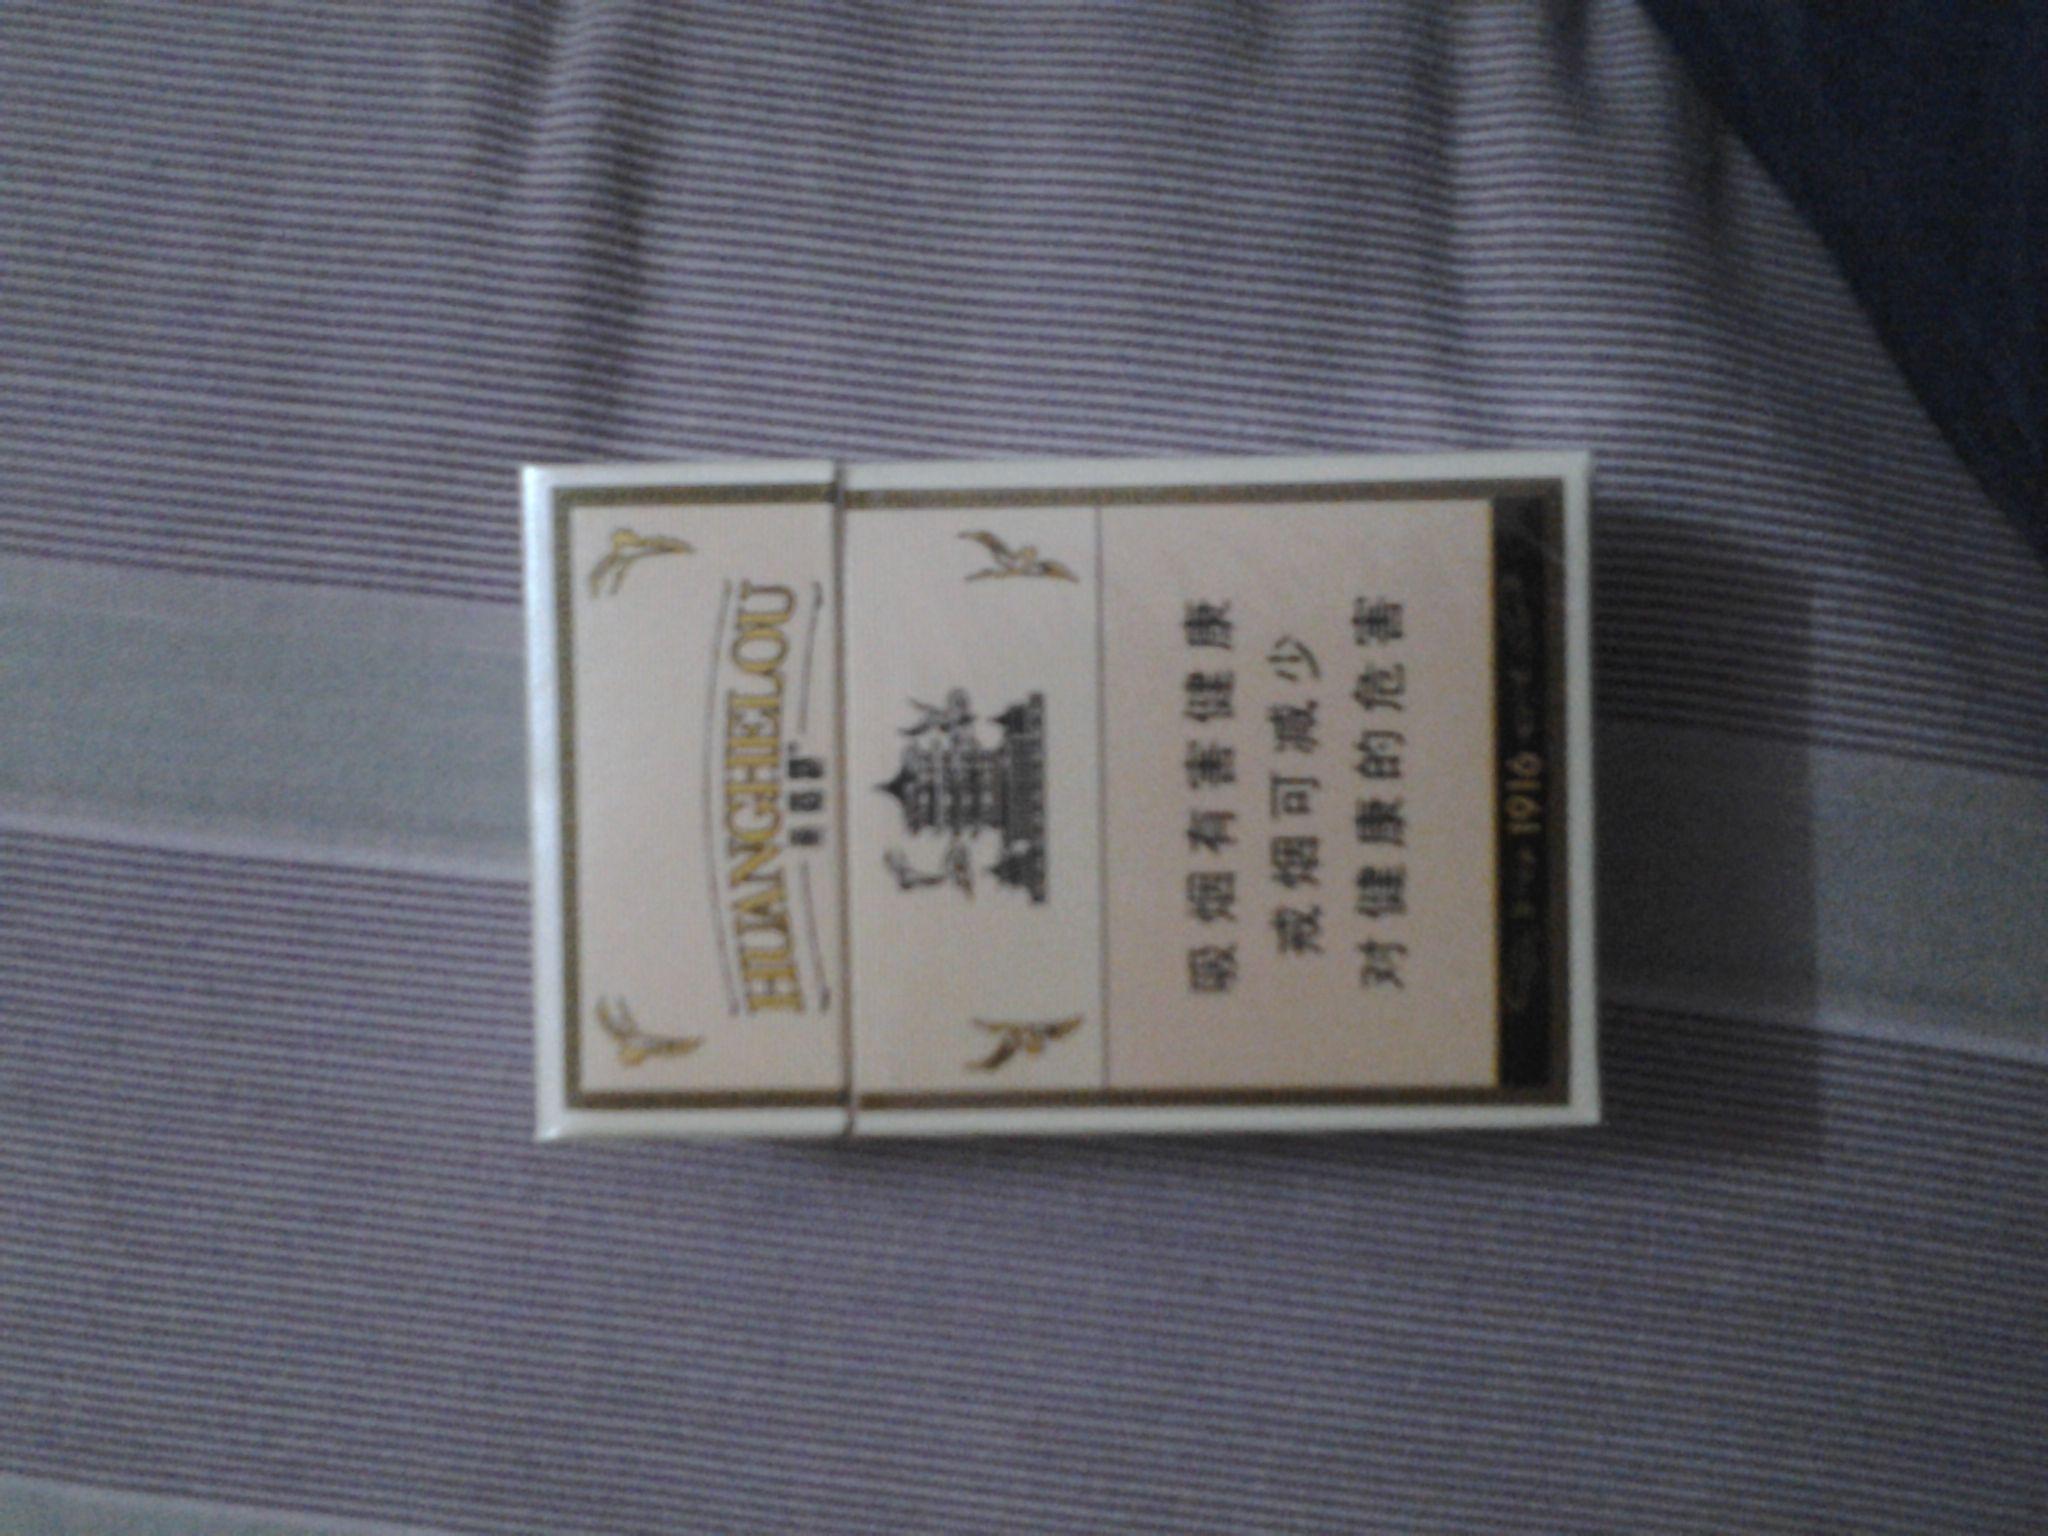 黄鹤楼1916硬盒装香烟 高清图片